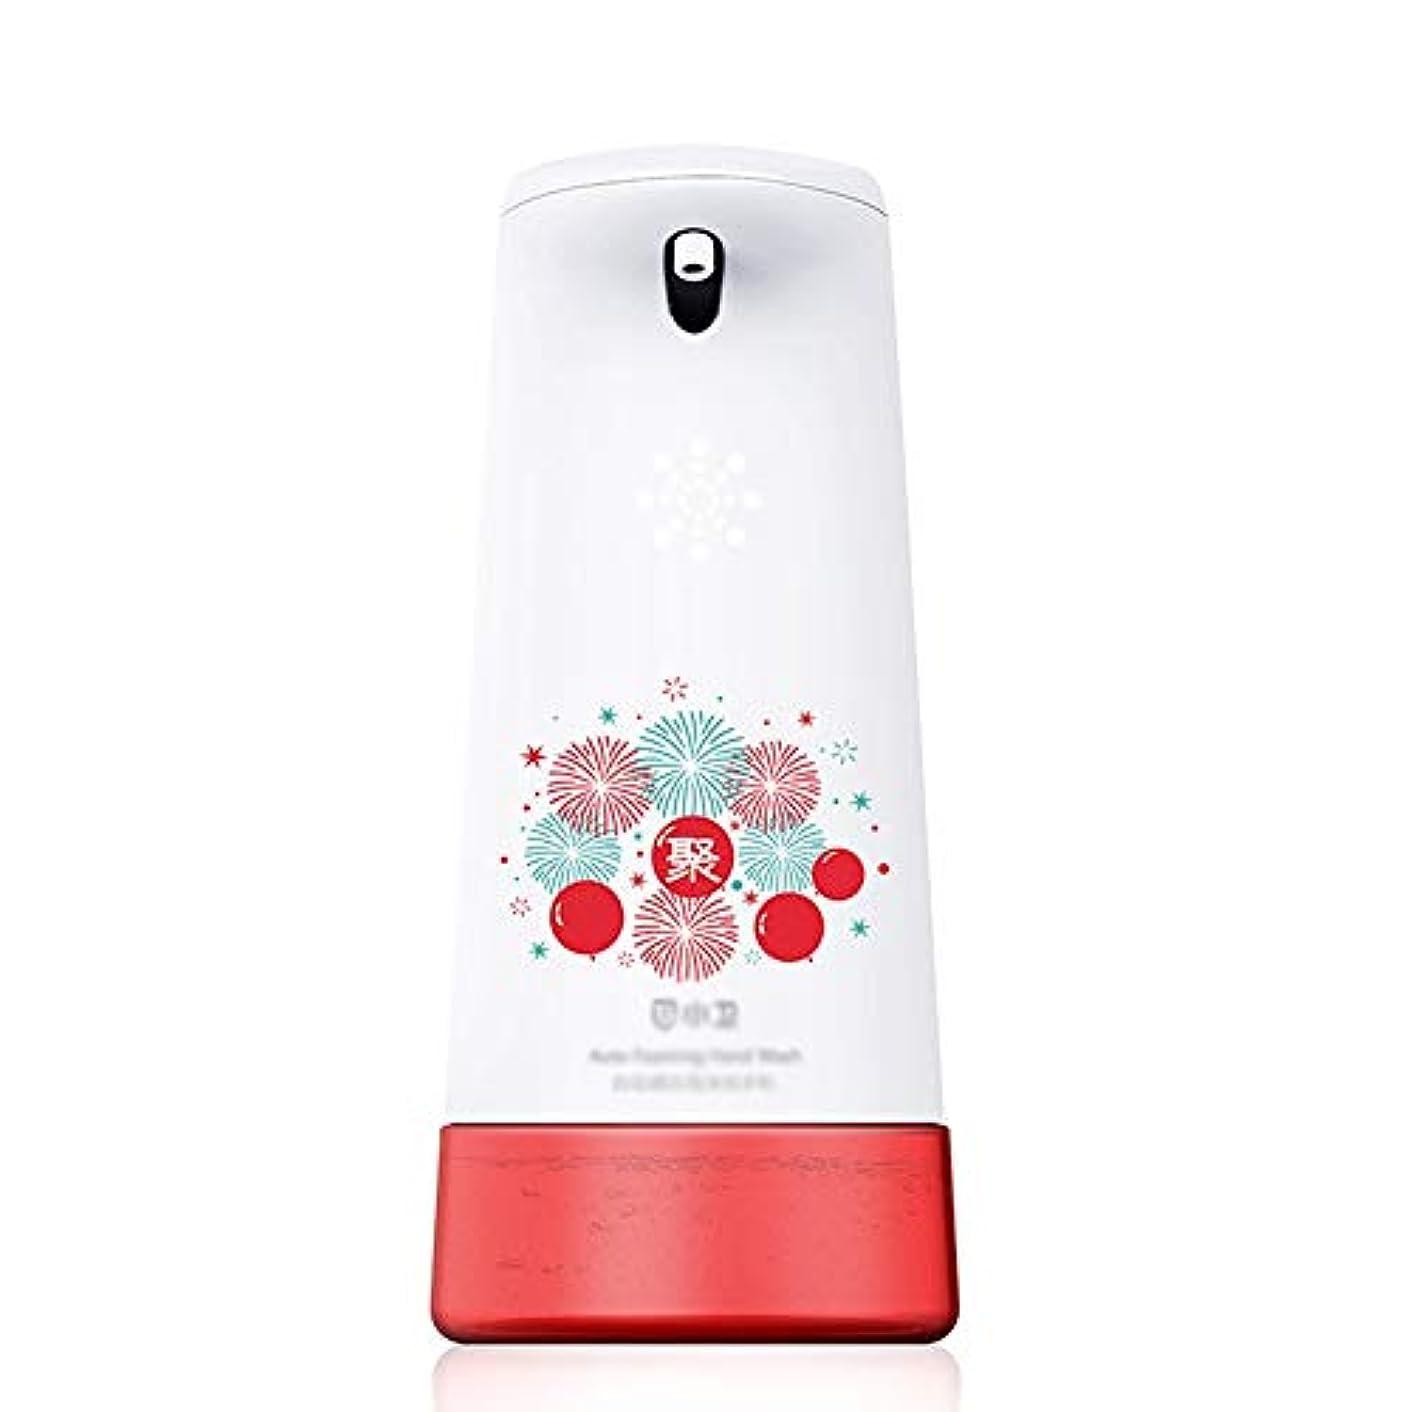 隠されたコンパスパレードソープディスペンサー 400mlの容量自動誘導泡機託児消毒ソープボックス ハンドソープ 食器用洗剤 キッチン 洗面所などに適用 (Color : Photo Color, Size : One size)